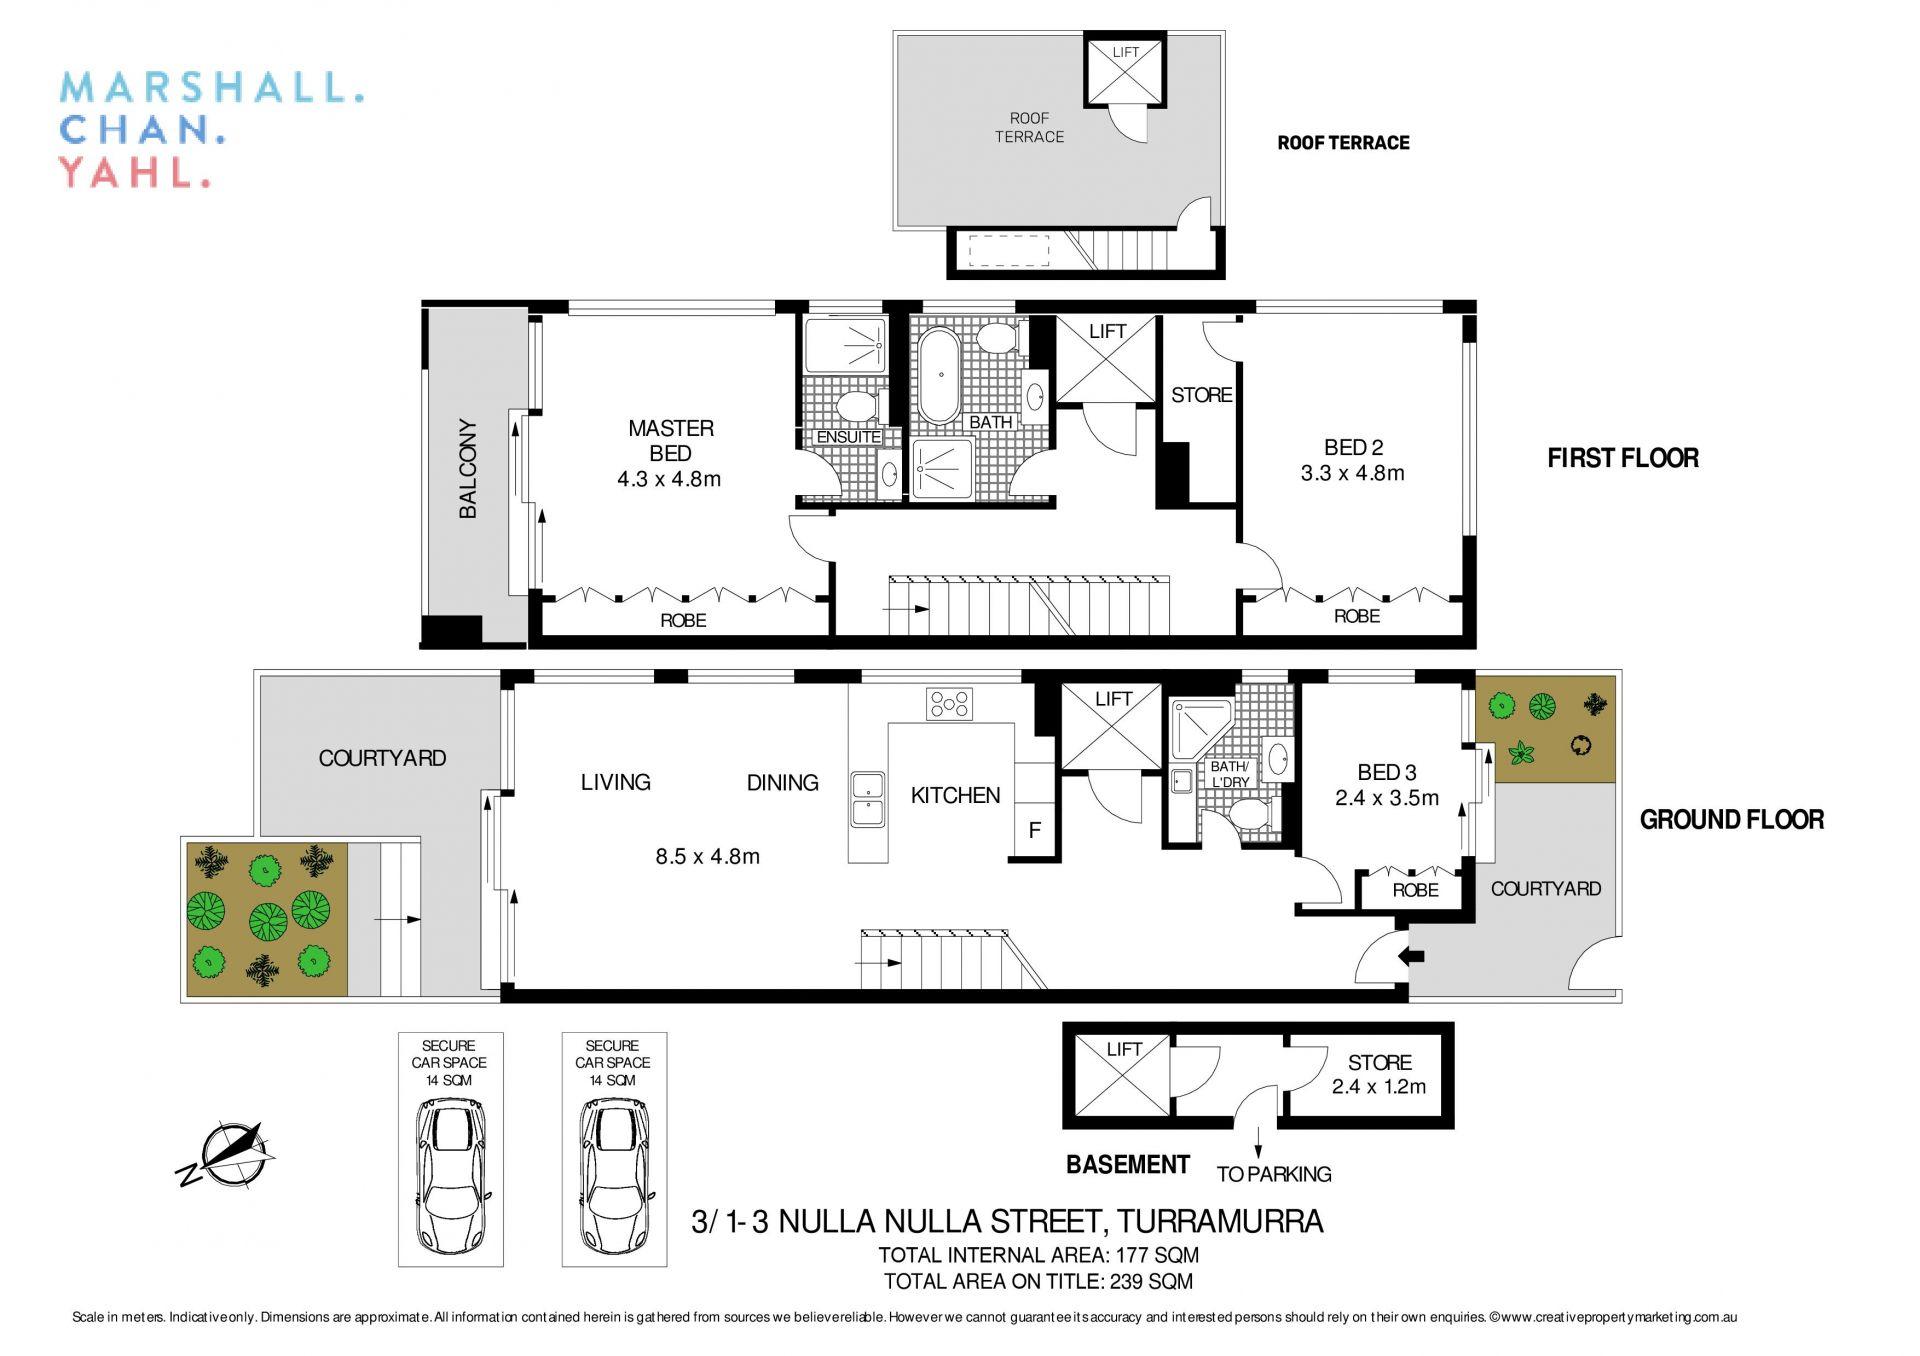 3/1-3 Nulla Nulla Street Turramurra 2074